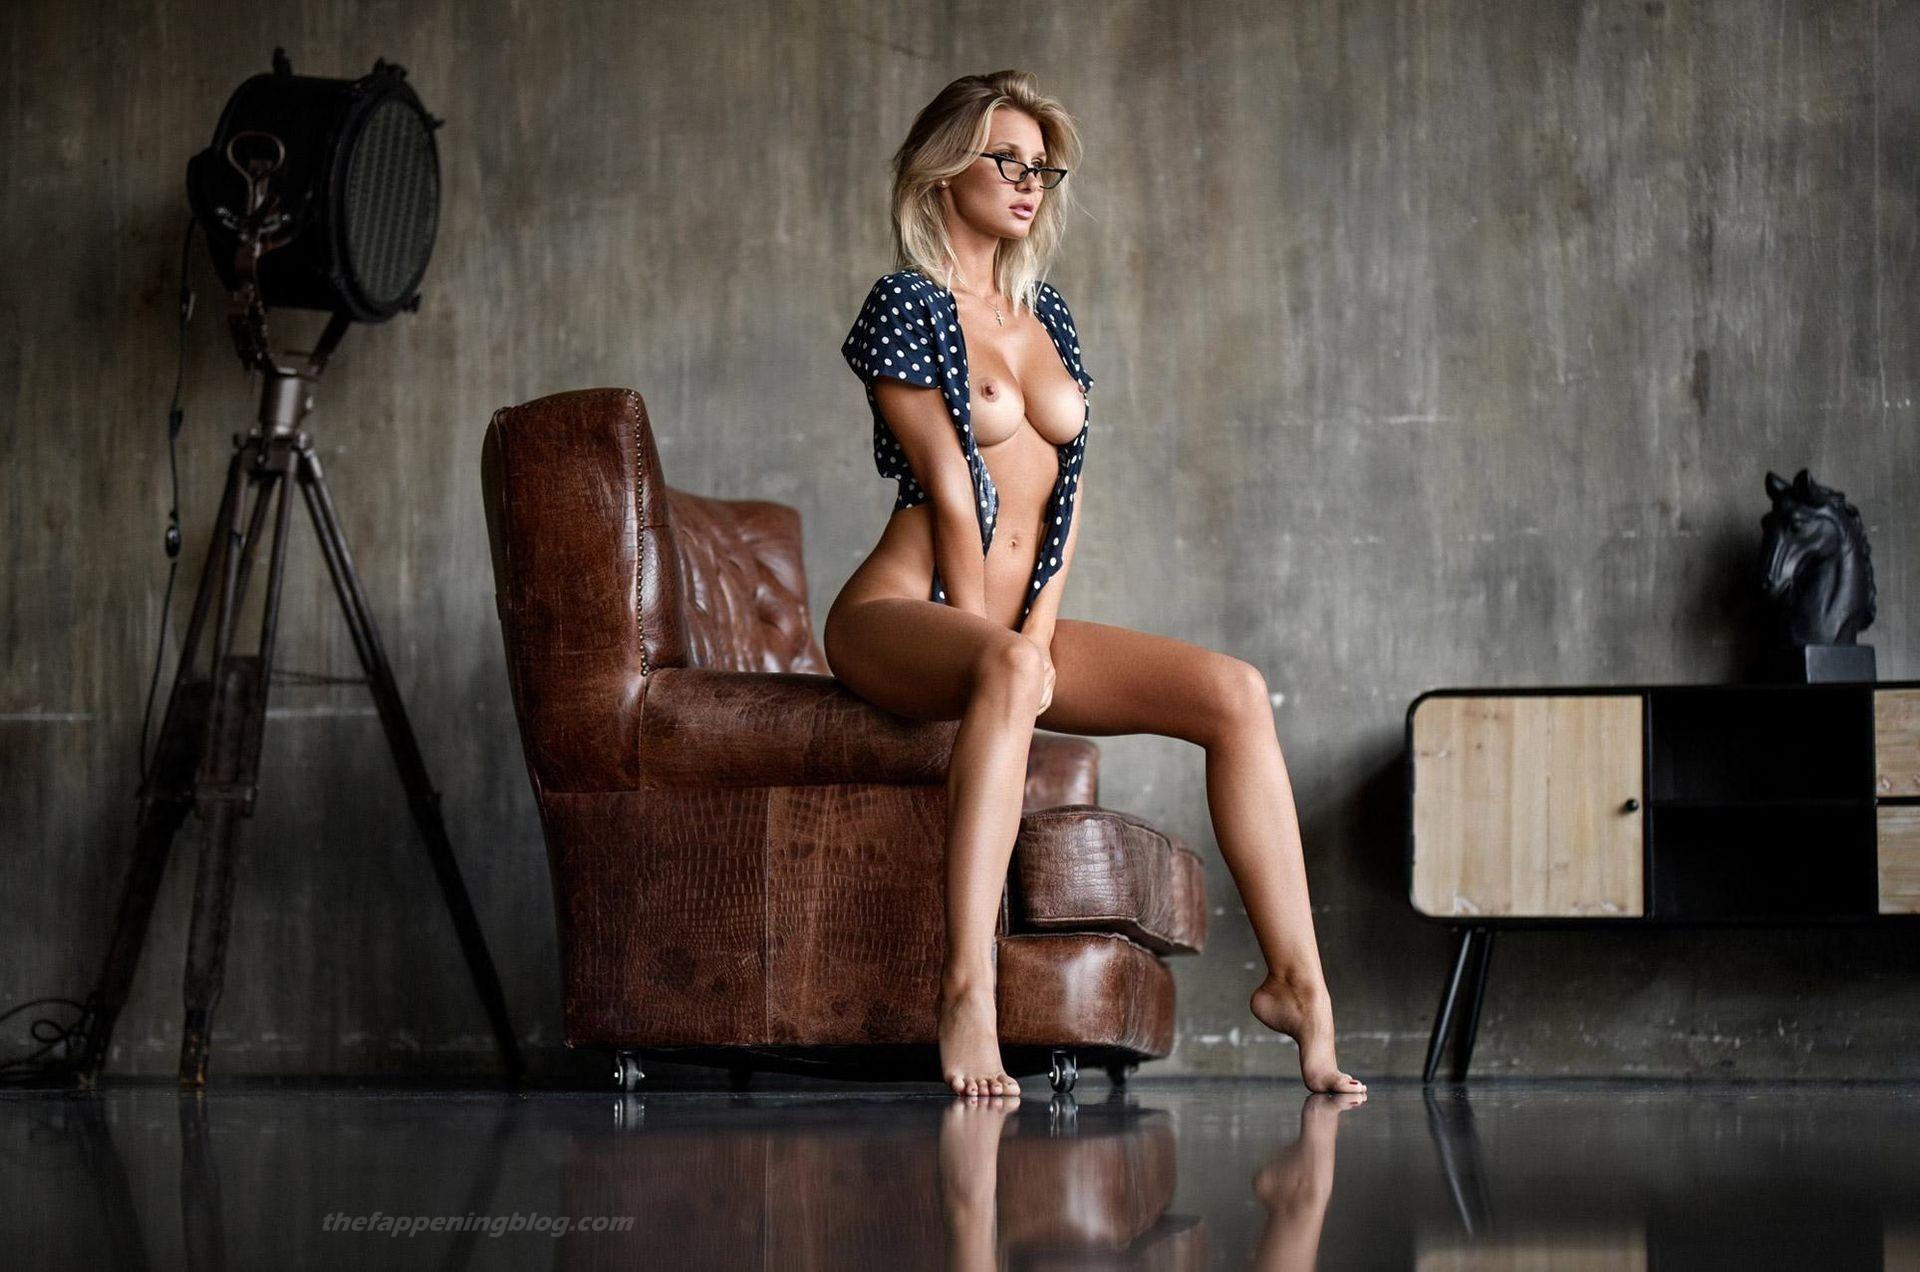 Marina Polnova Nude 0001